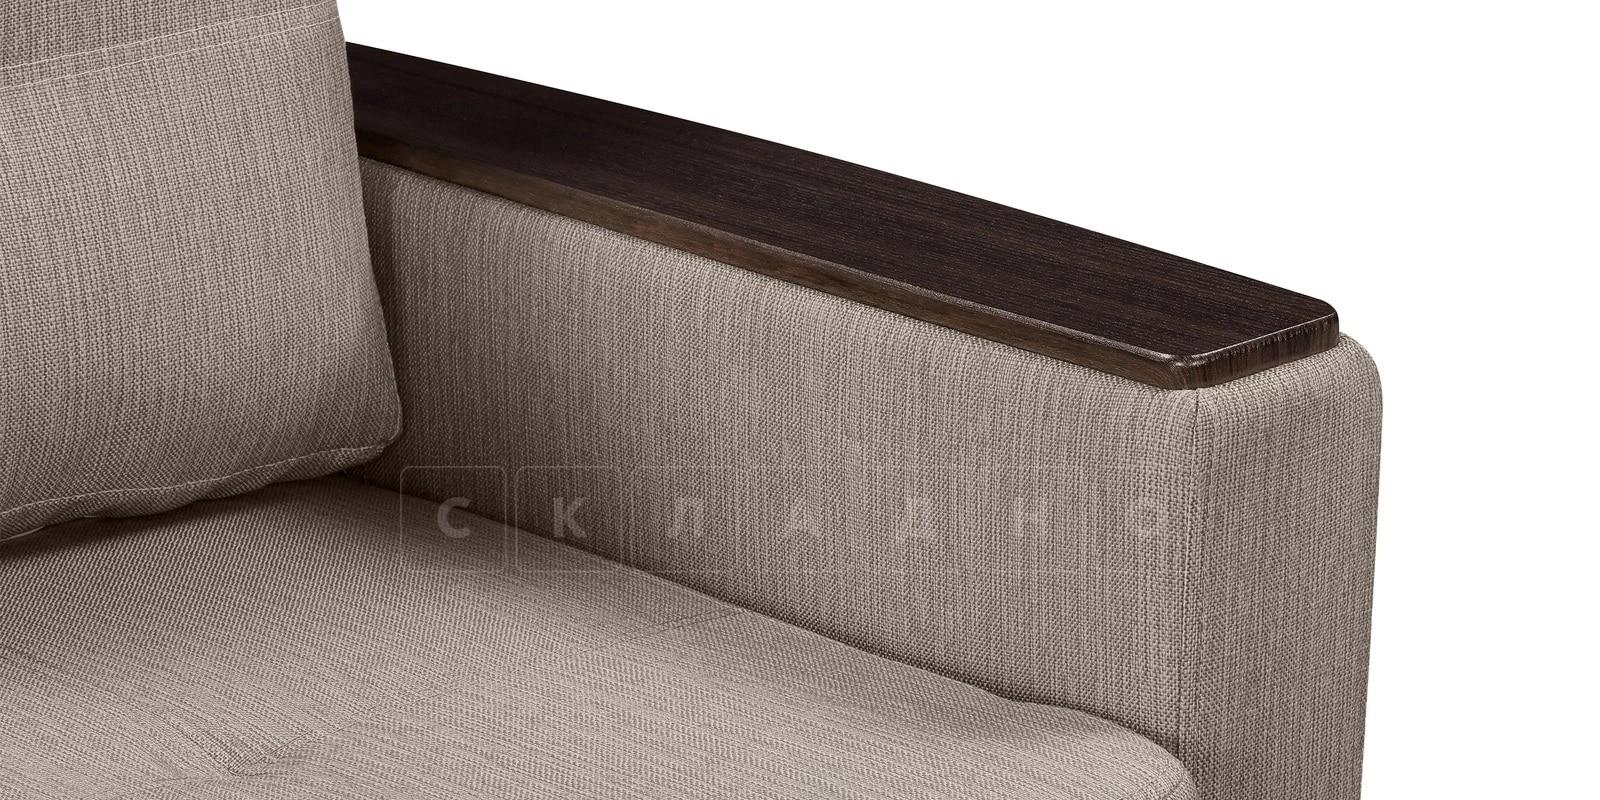 Кресло Майами темно-бежевое со спальным местом фото 6 | интернет-магазин Складно